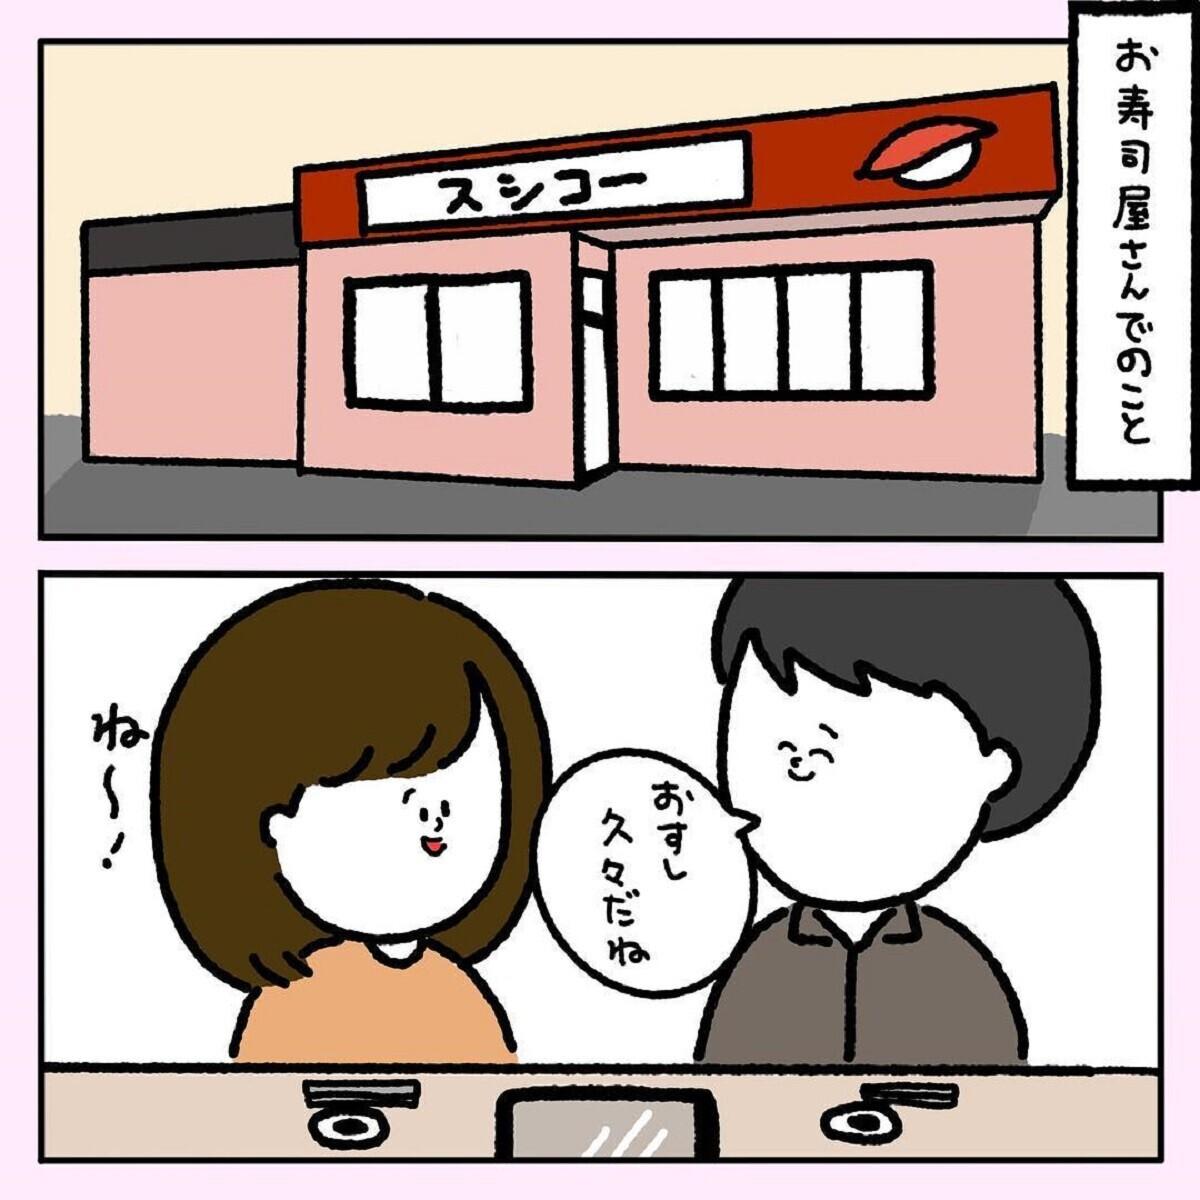 お寿司屋さんでの出来事